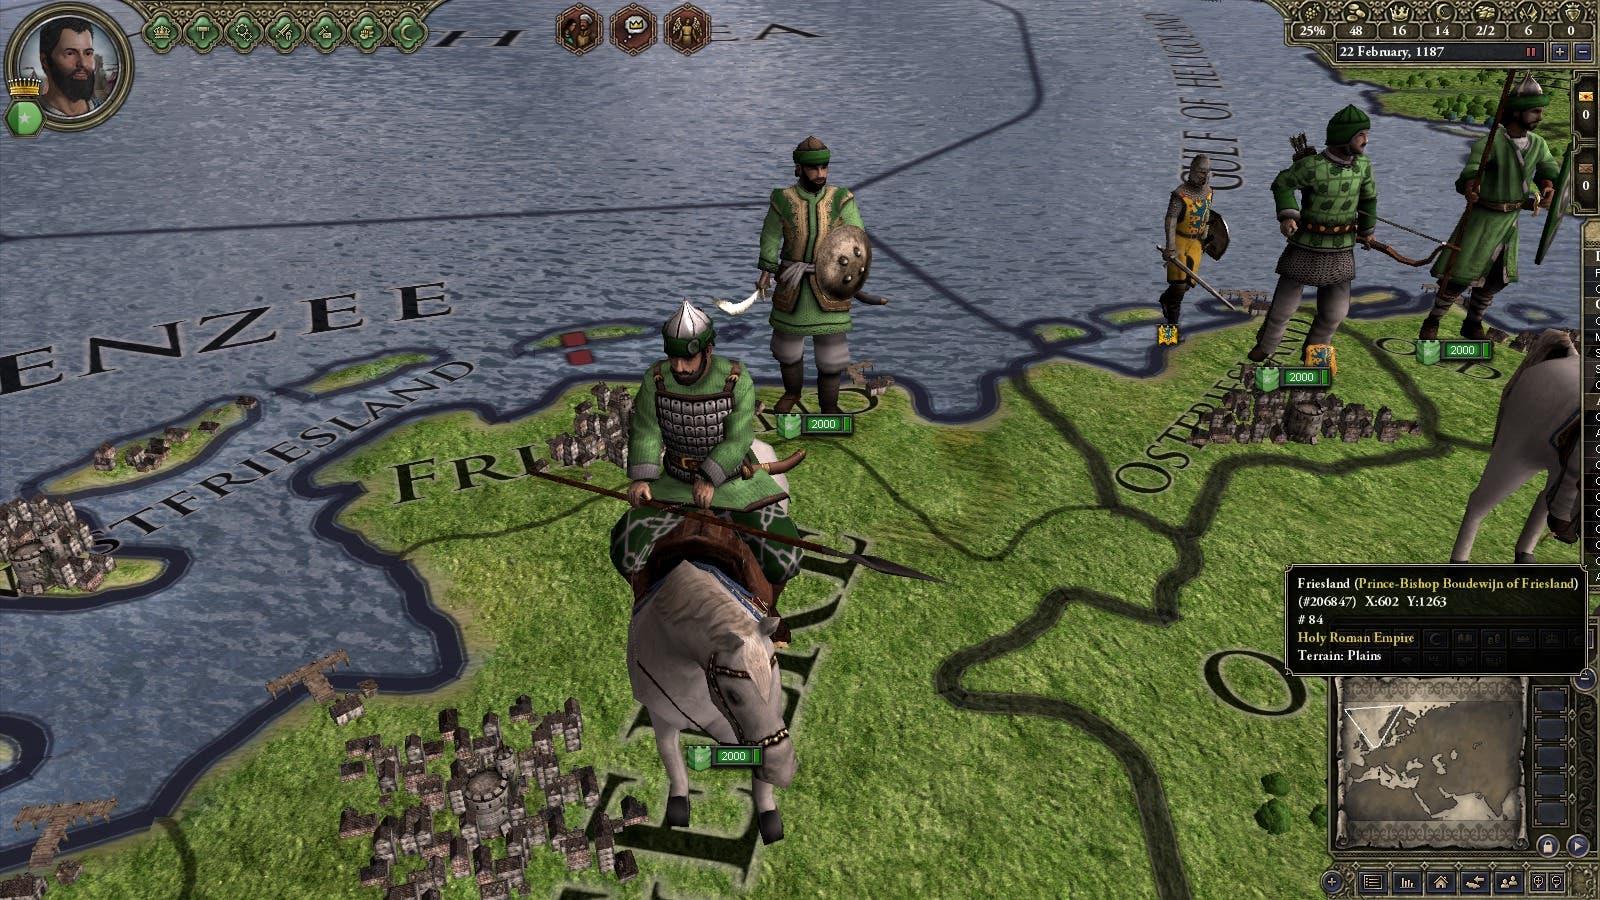 Imagen de Crusader Kings 2 ya está disponible gratis y para siempre en Steam